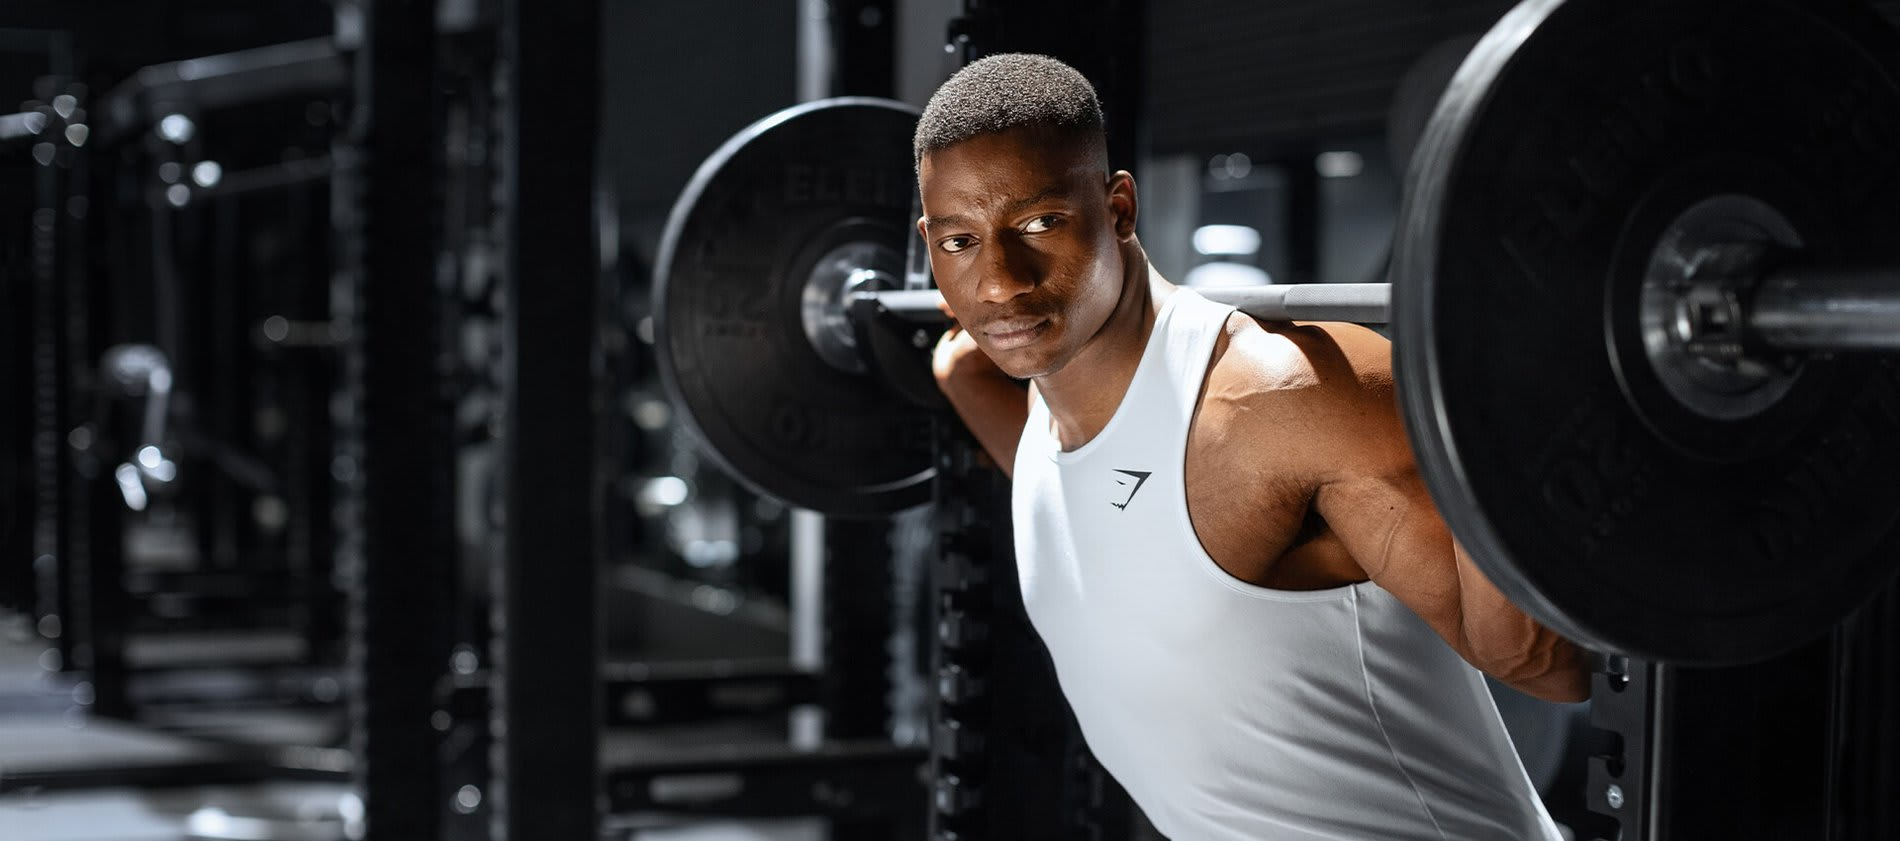 Der männliche Gymshark Athlet Lubomba bereitet sich darauf vor, eine Gewichtsstange vom Kniebeugen Reck zu heben in einem dunklen Fitnesstudio. Er trägt die Gymshark Critical Kollektion.